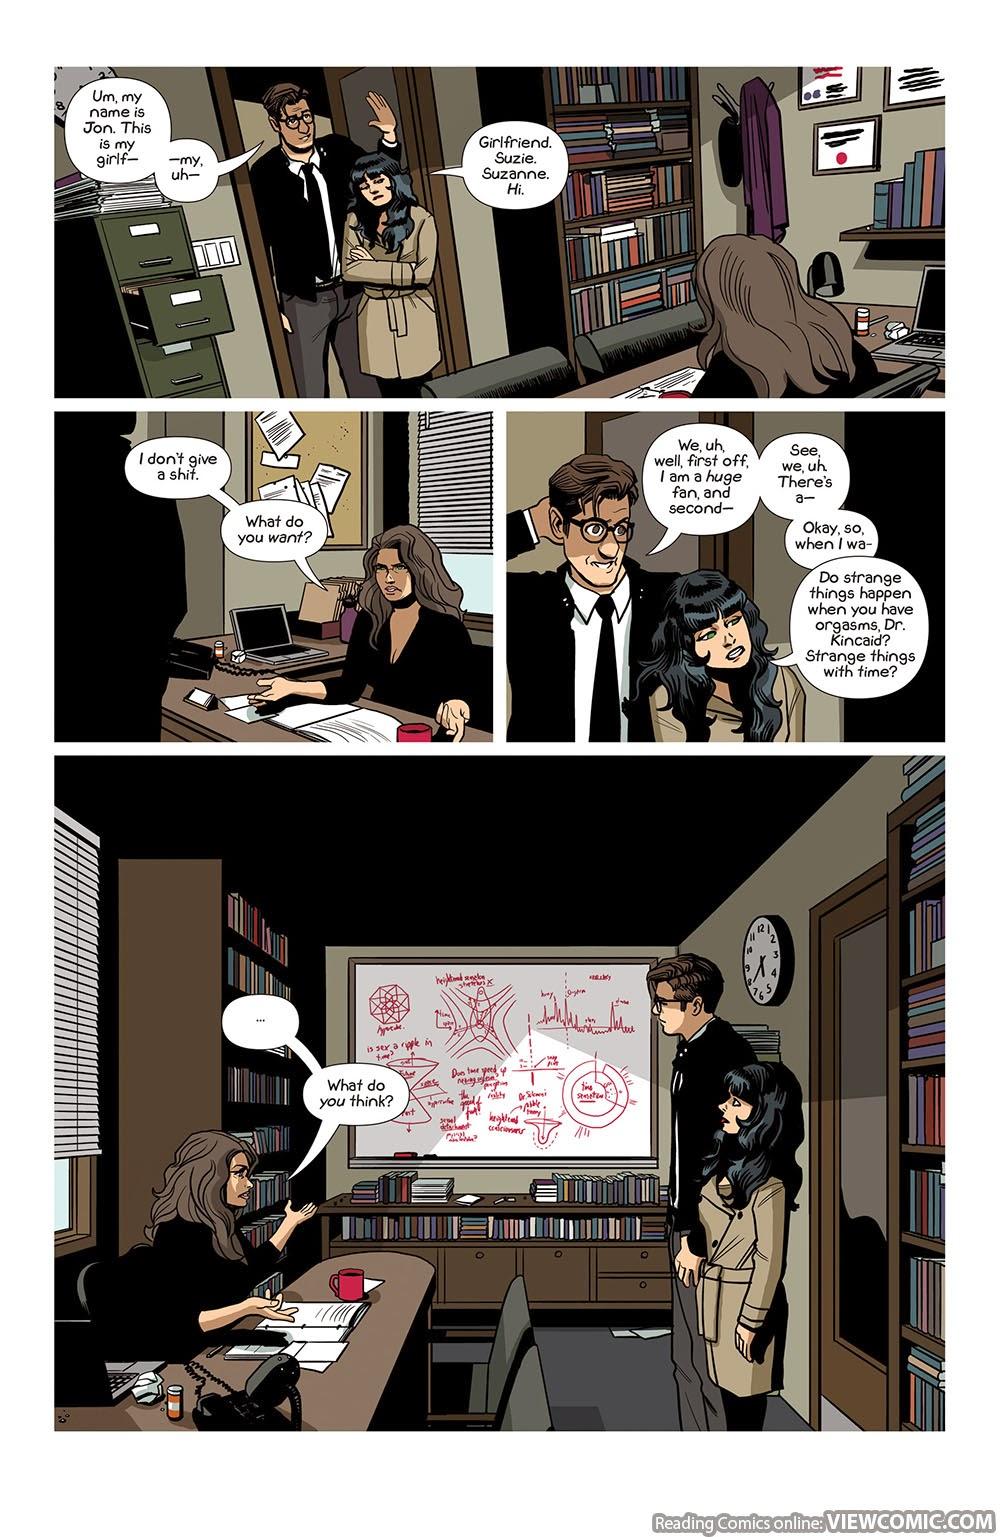 Read bizzare sex comic online